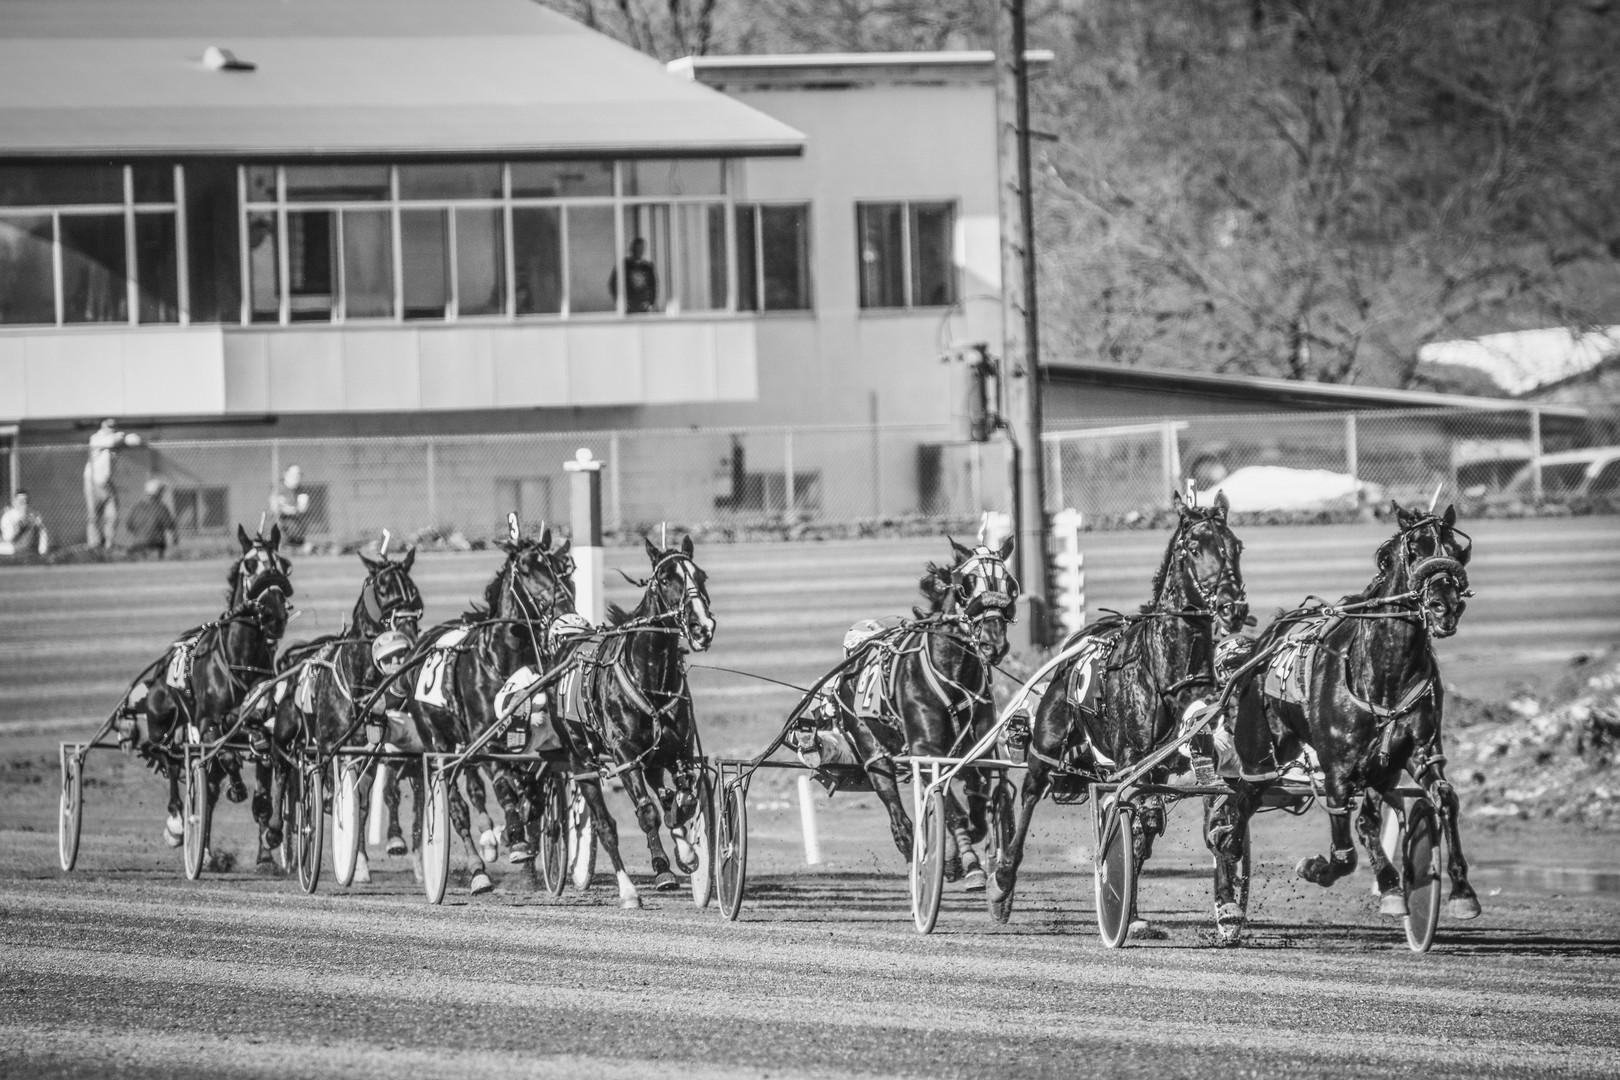 Saratoga Harness Track